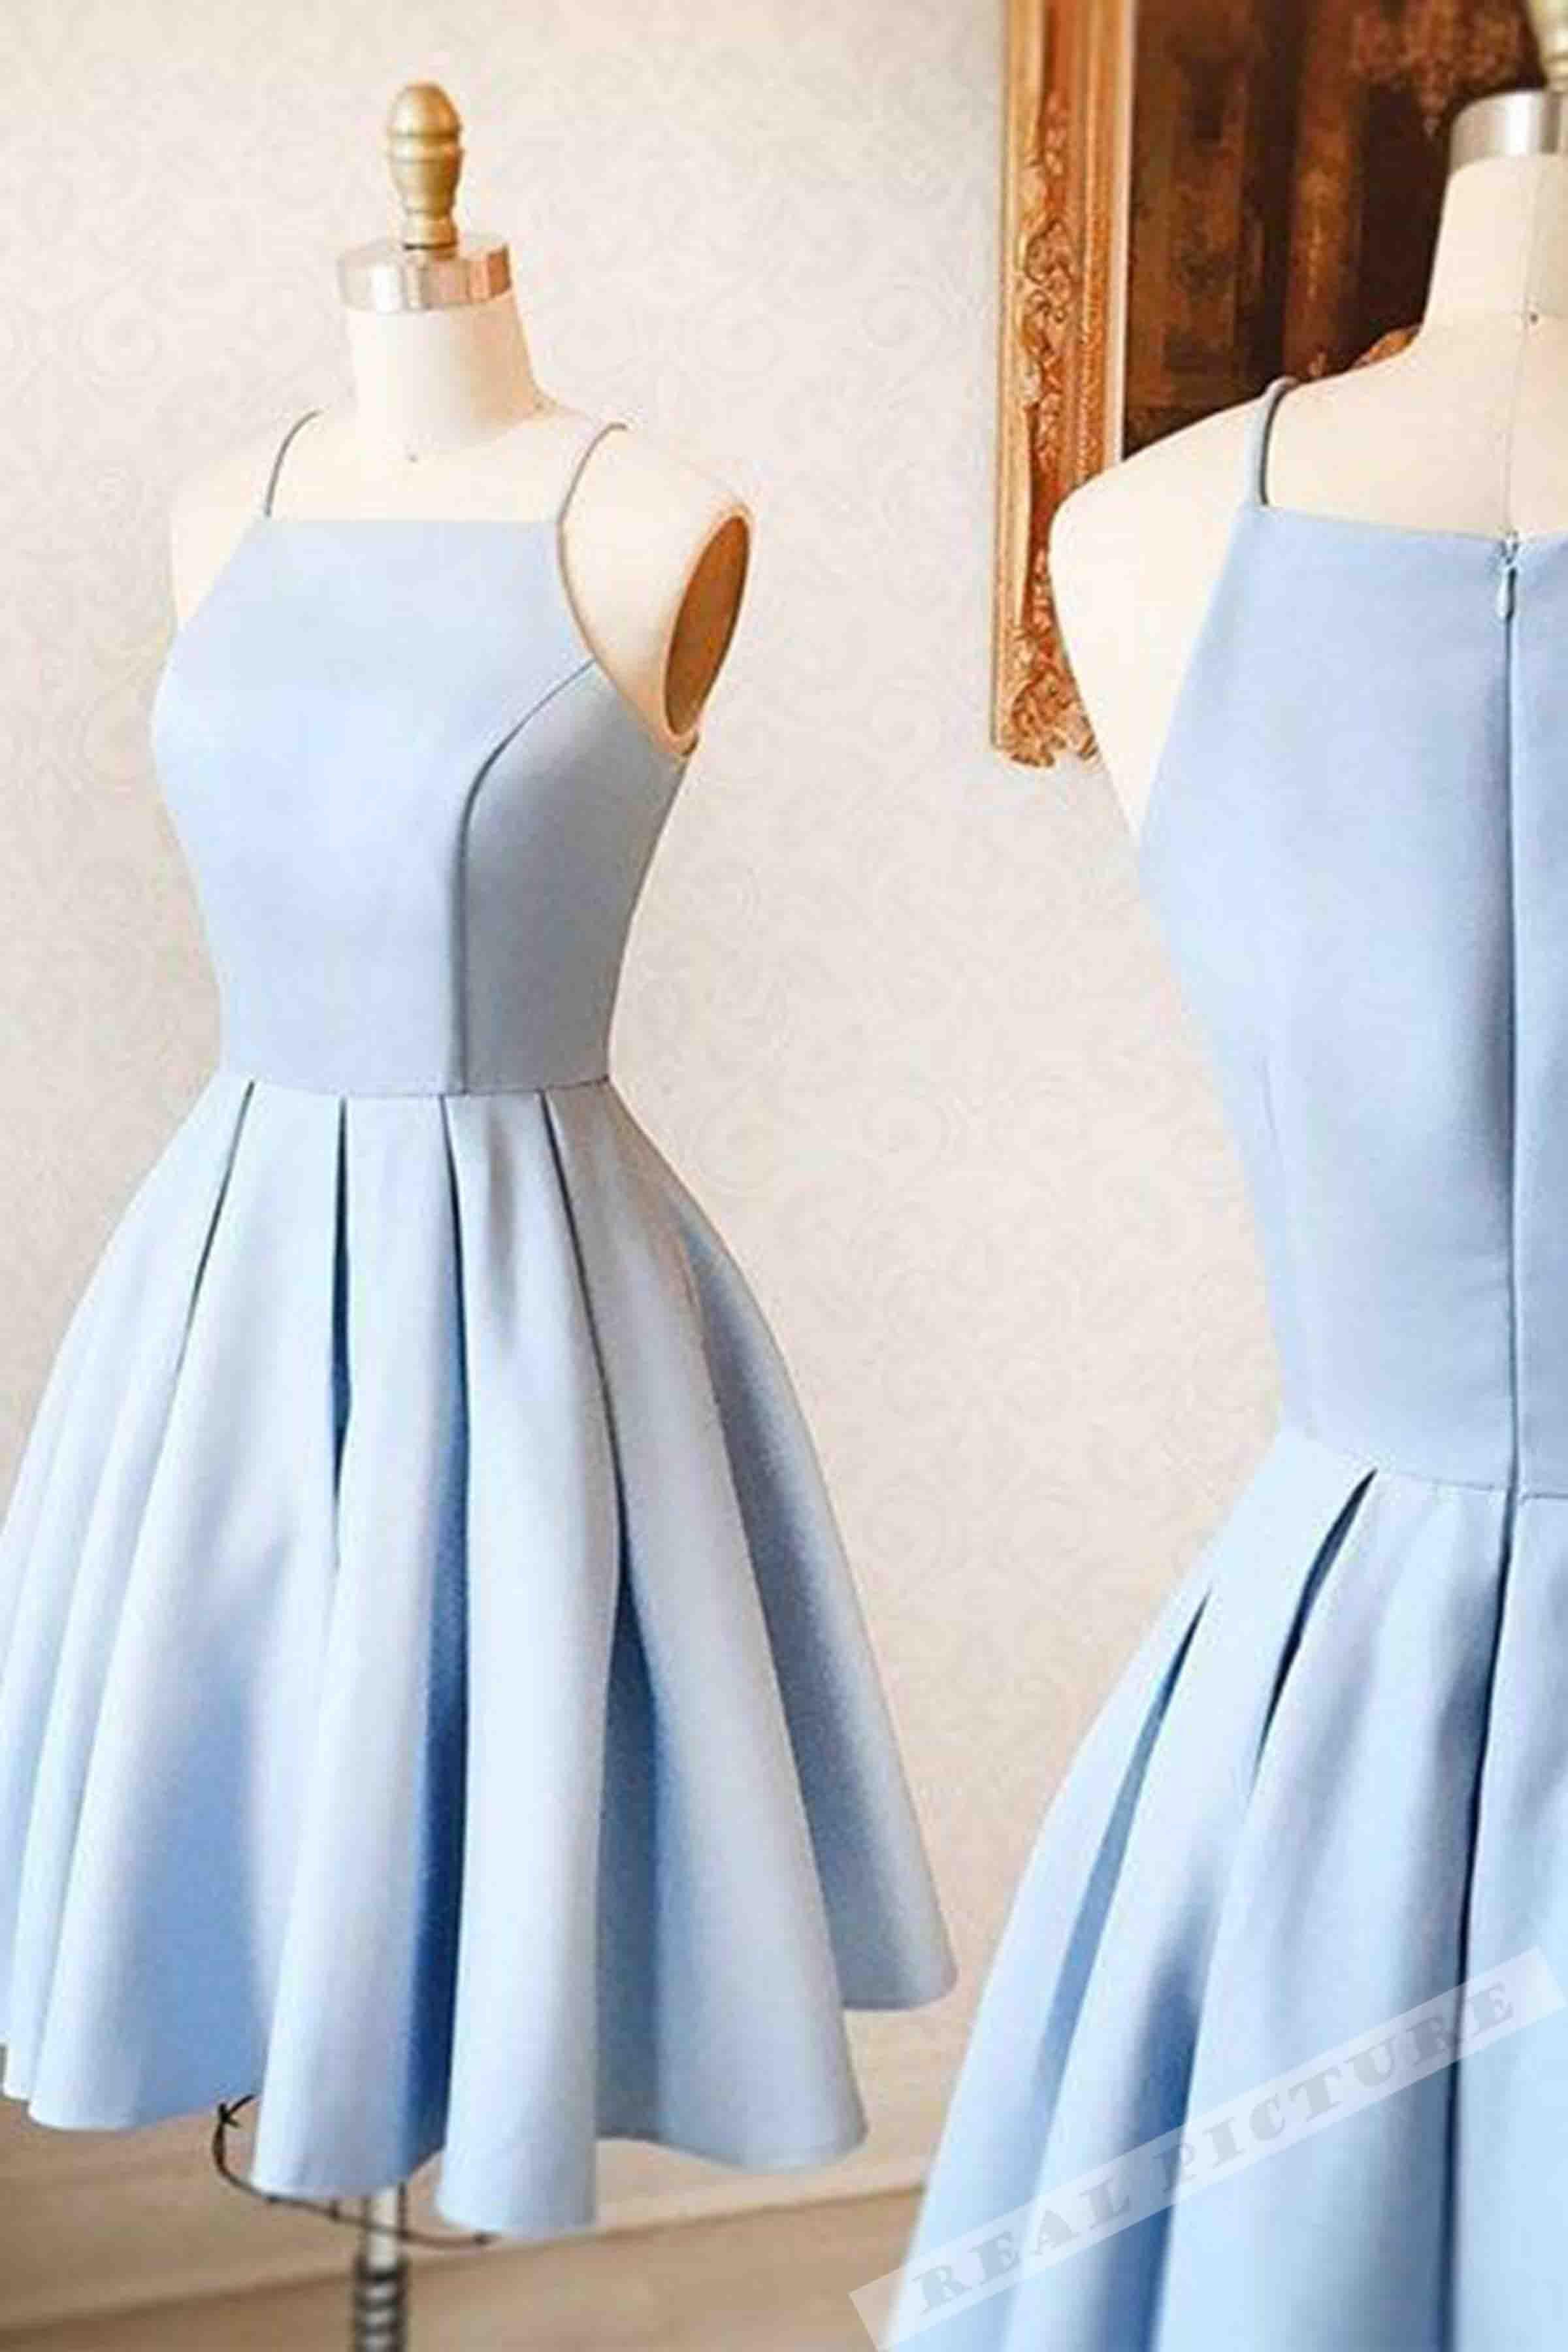 Light blue satin simple short dressmini dress for teens from